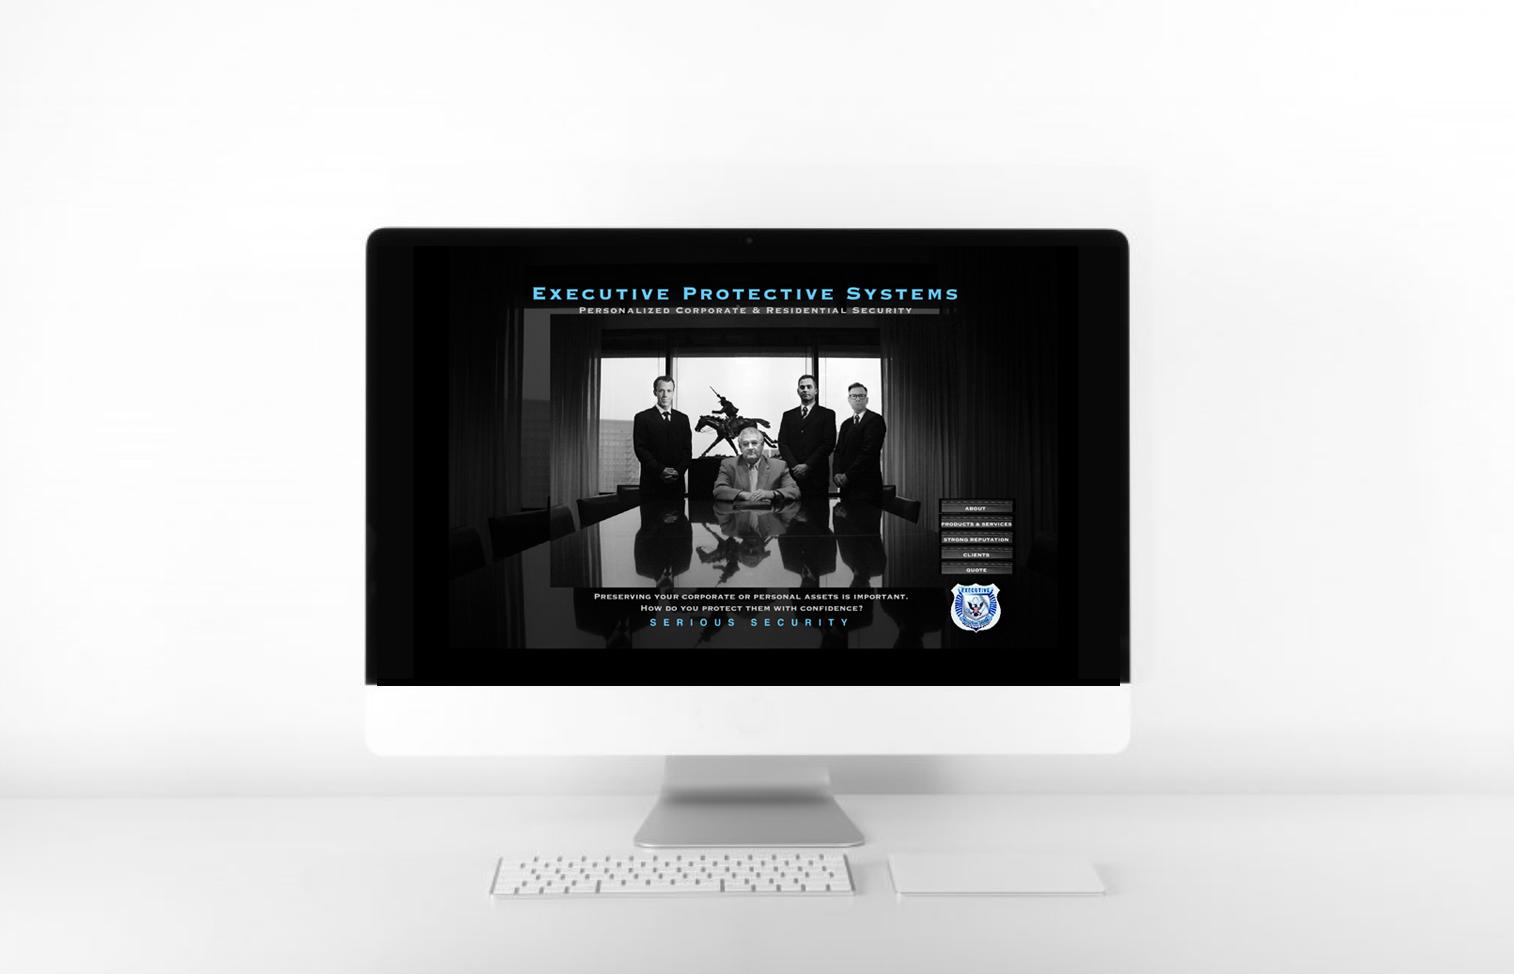 desktop-exec-website-design-2